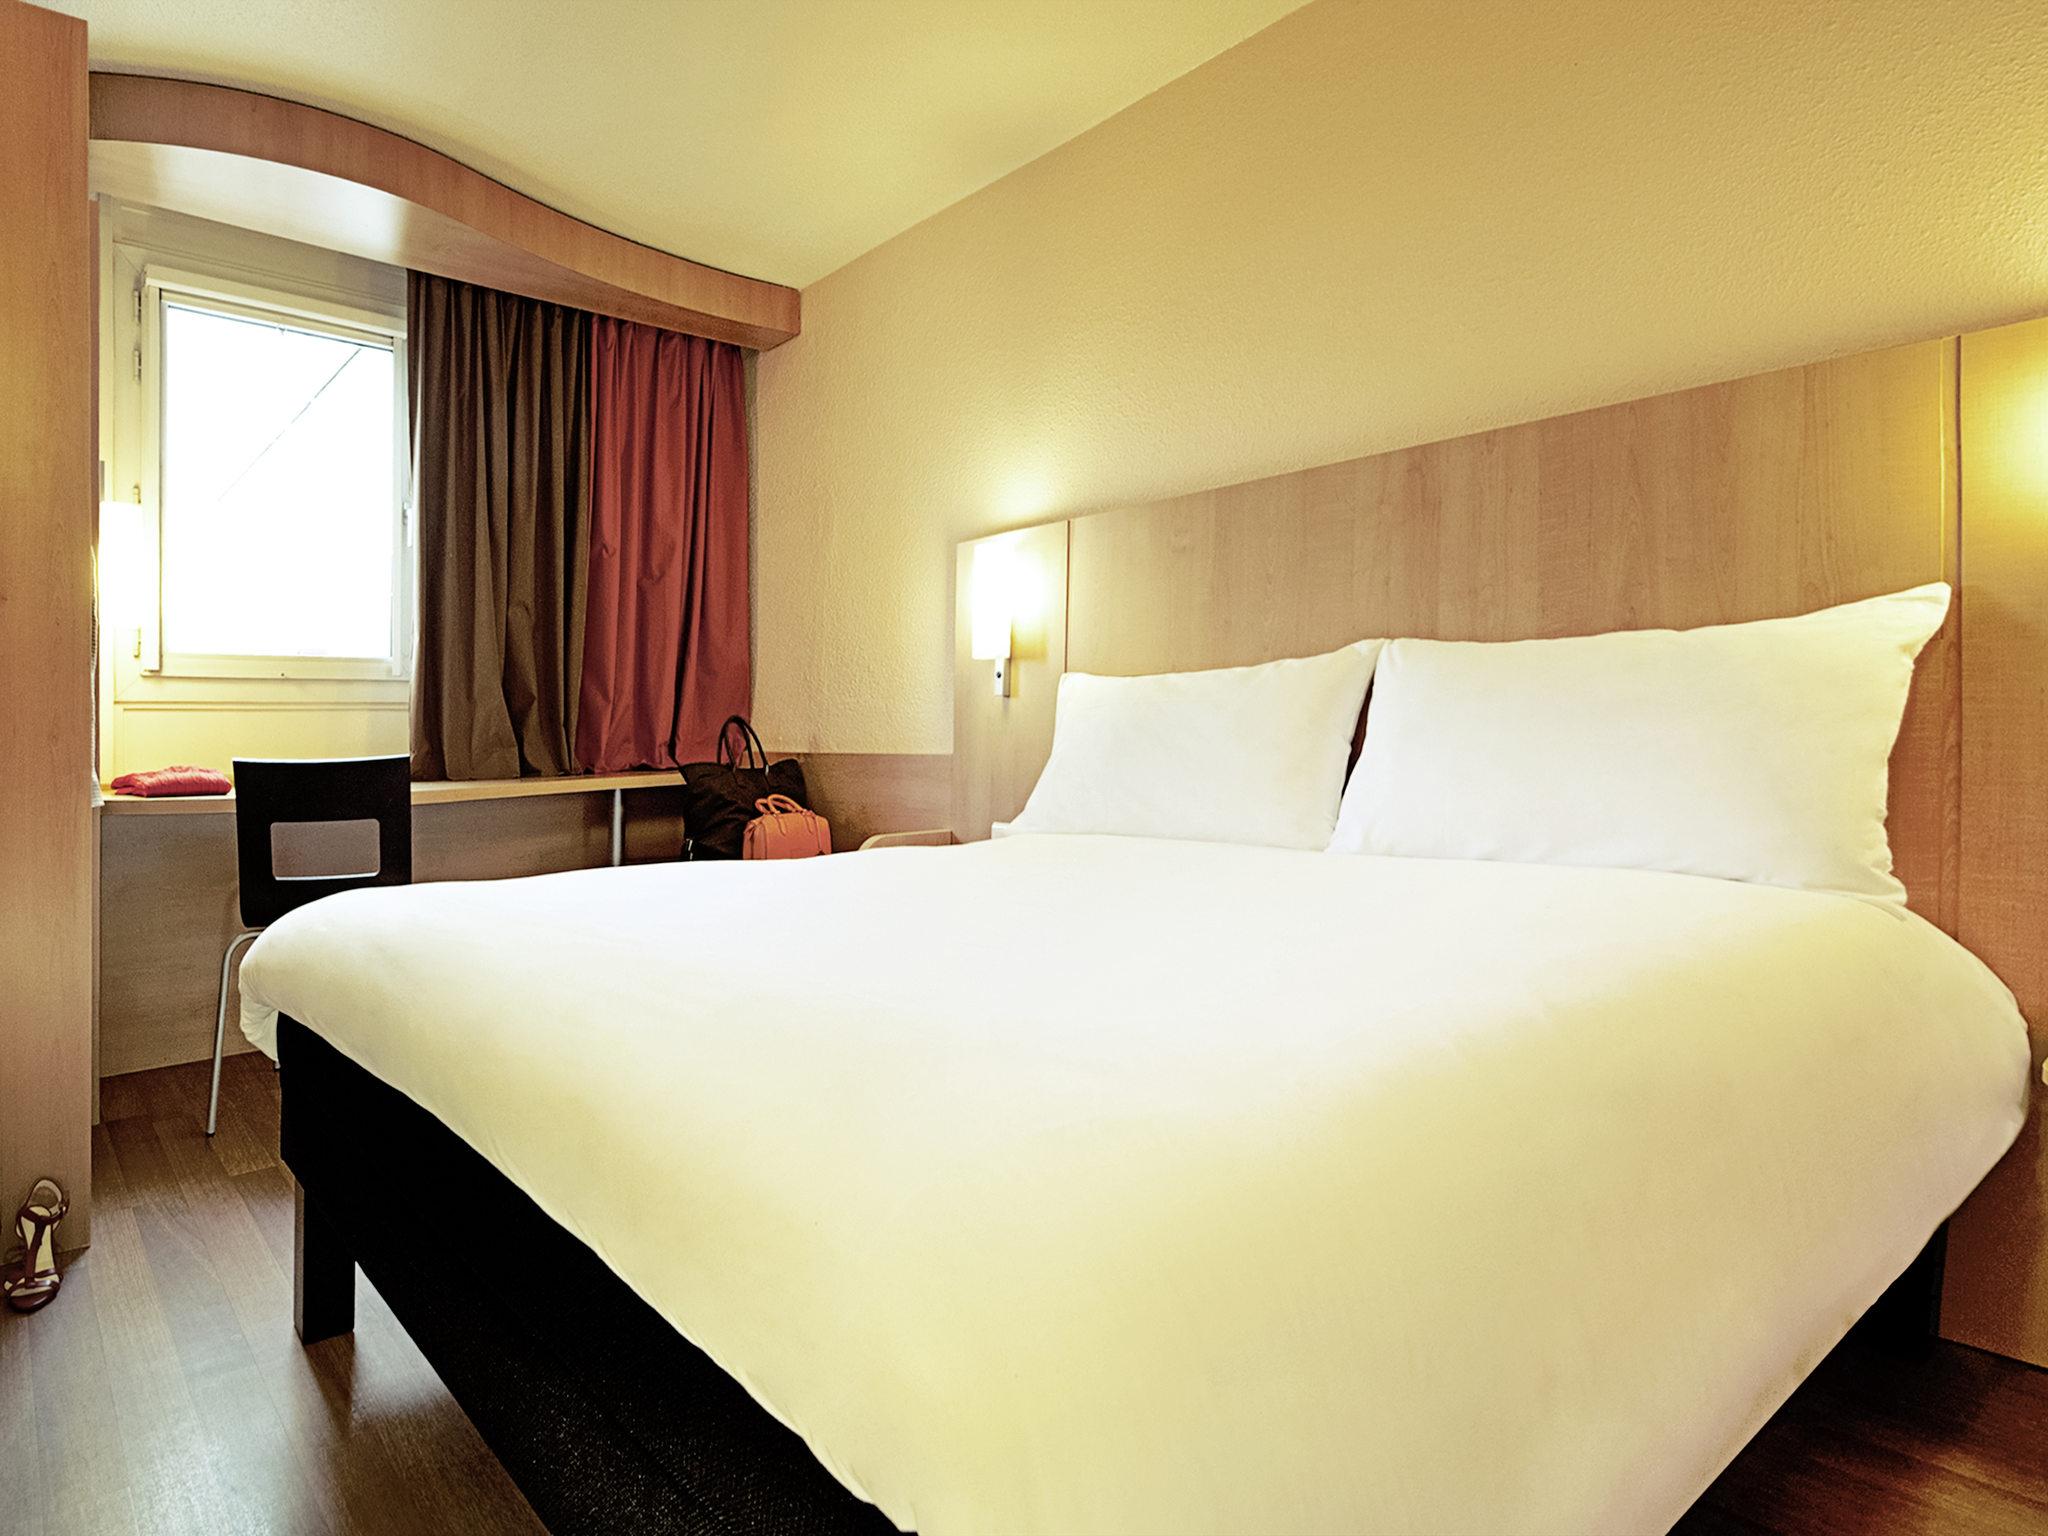 酒店 – 宜必思巴黎查尔斯戴高乐巴黎北部 2 酒店